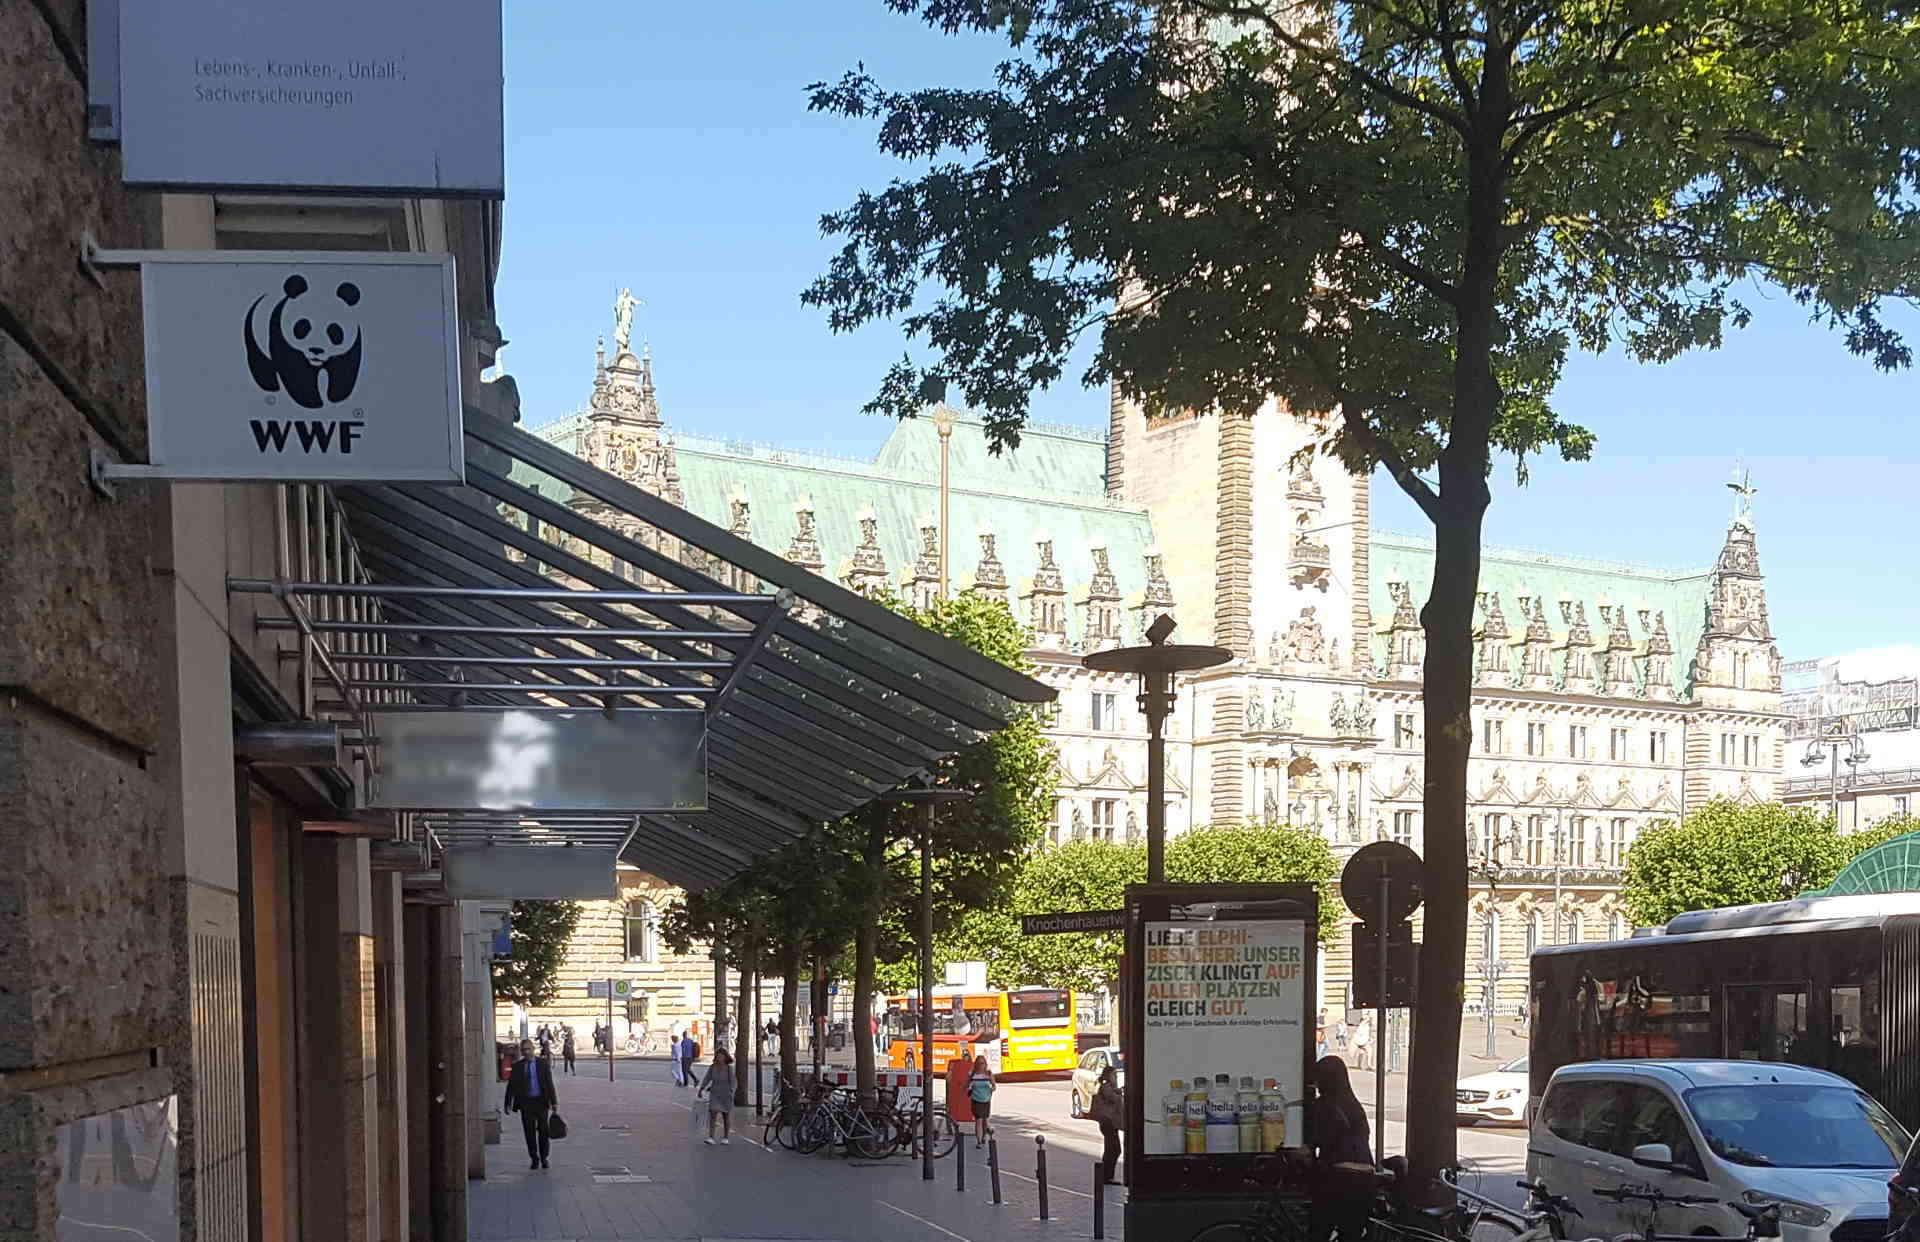 Hier arbeitet der WWF Trainee: WWF in Hamburg